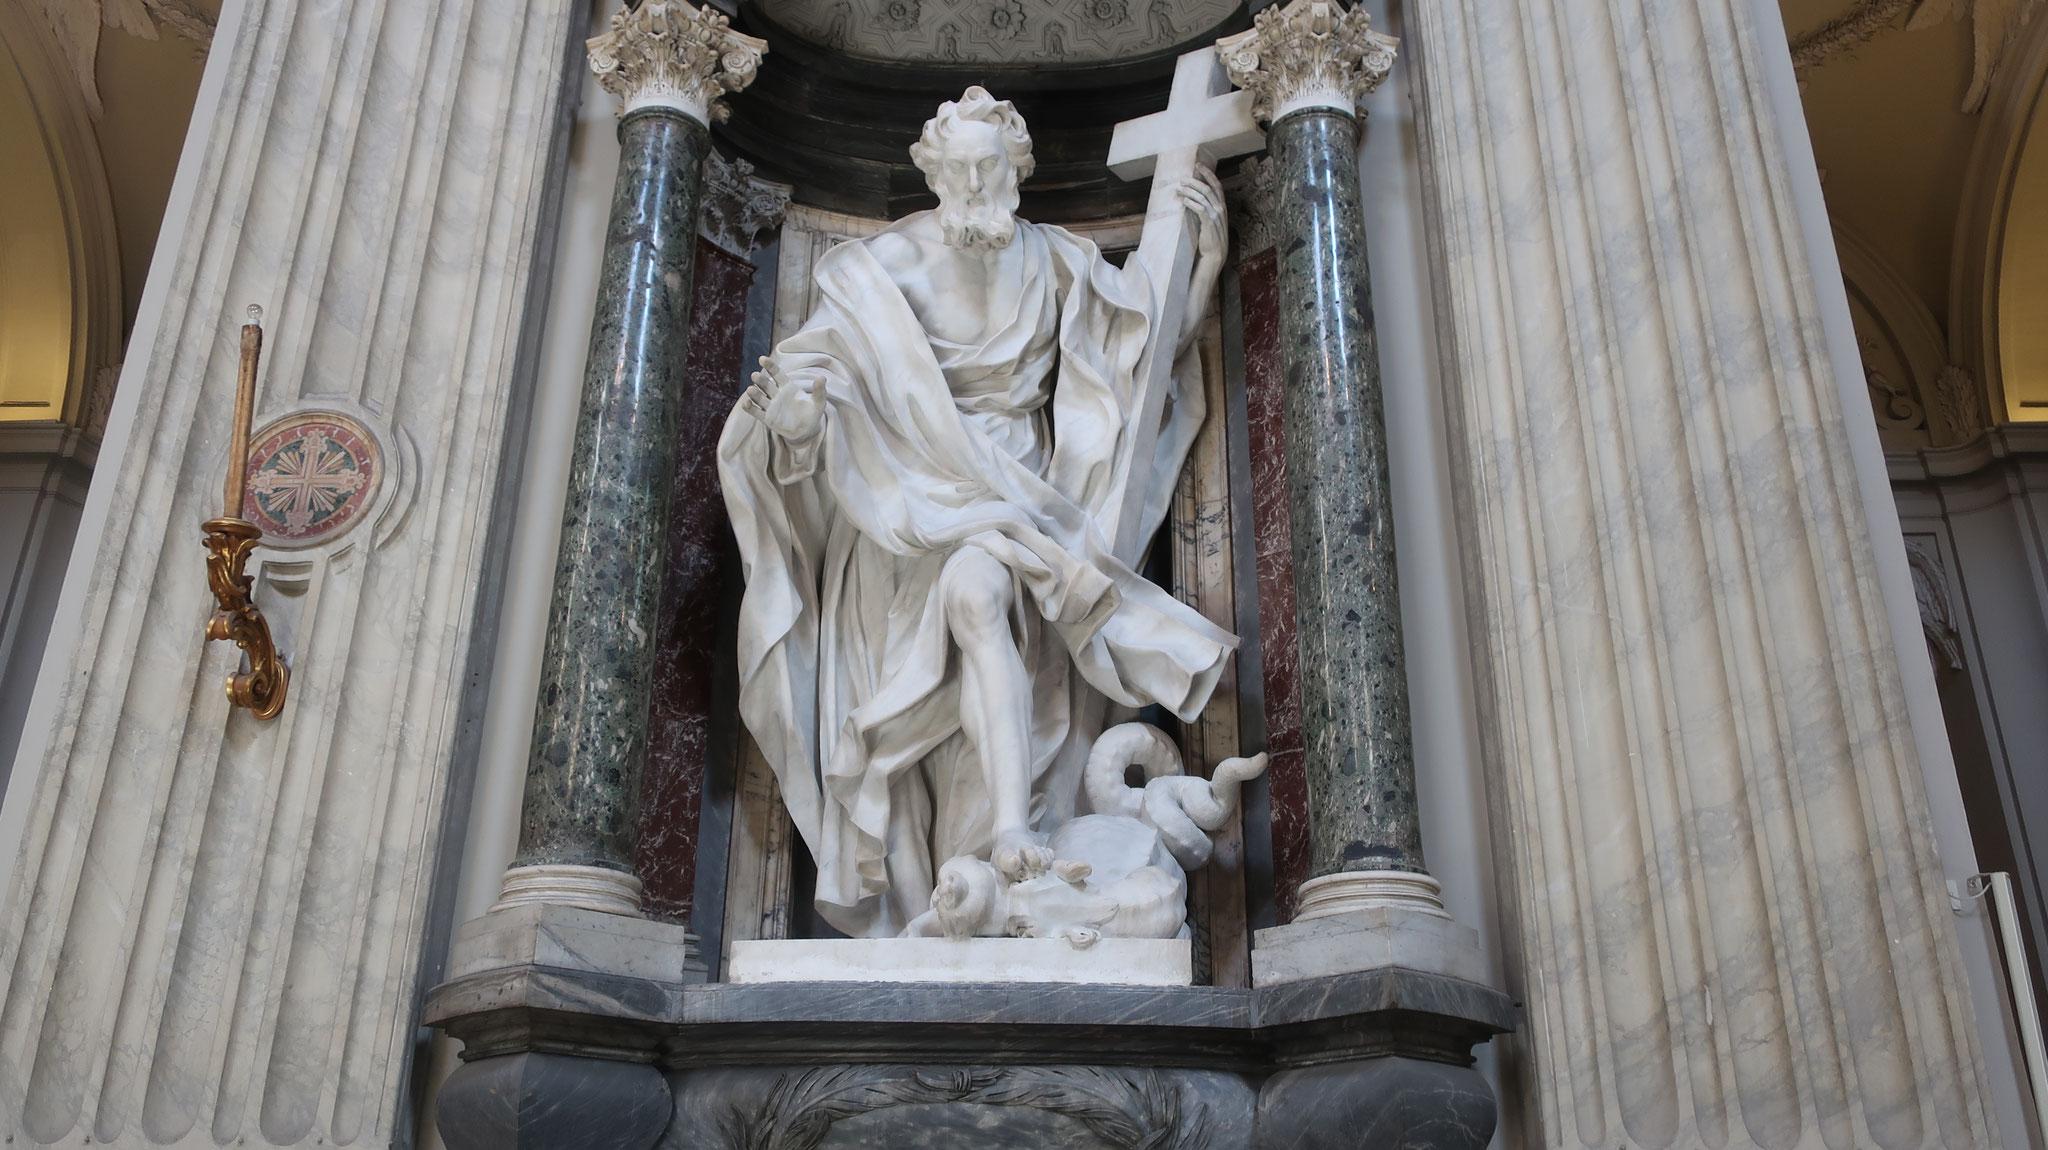 フィリポ。キリストの十二使徒の一人。ドラゴン退治の逸話があります。足で踏みつけています。